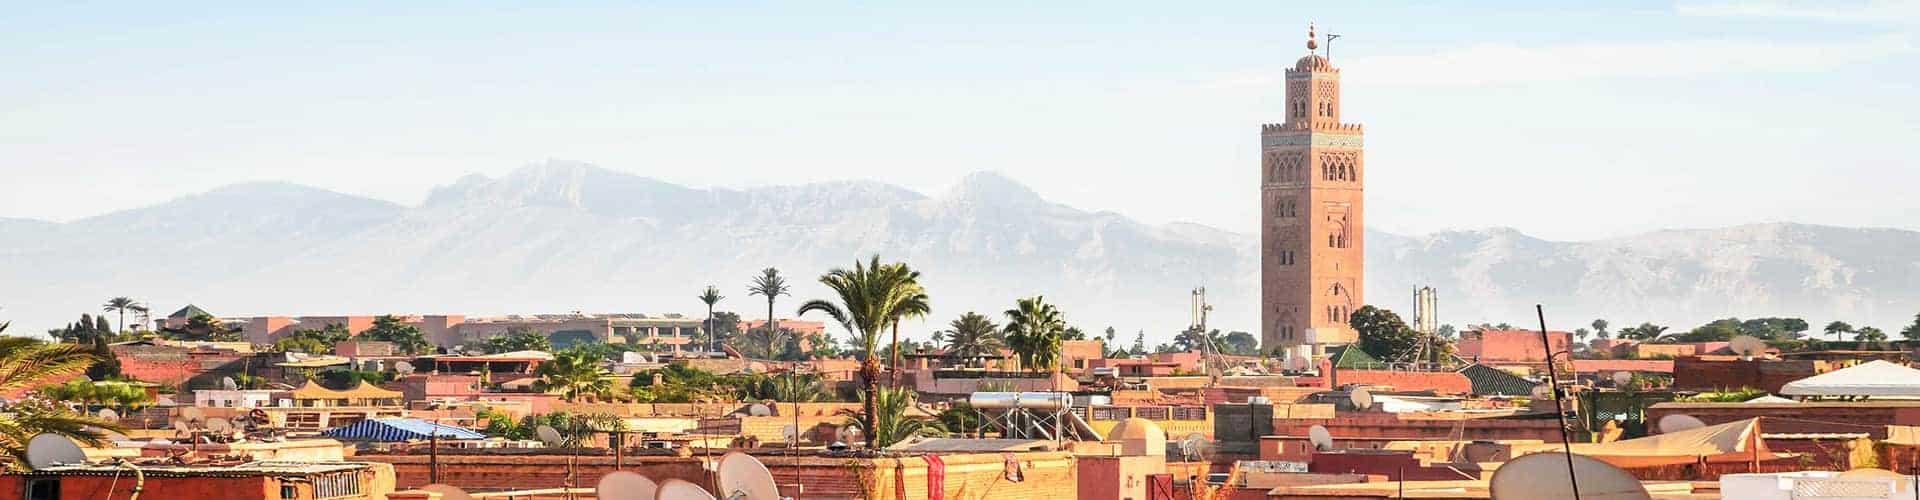 Free tour en Marrakech - Turismo en Marruecos